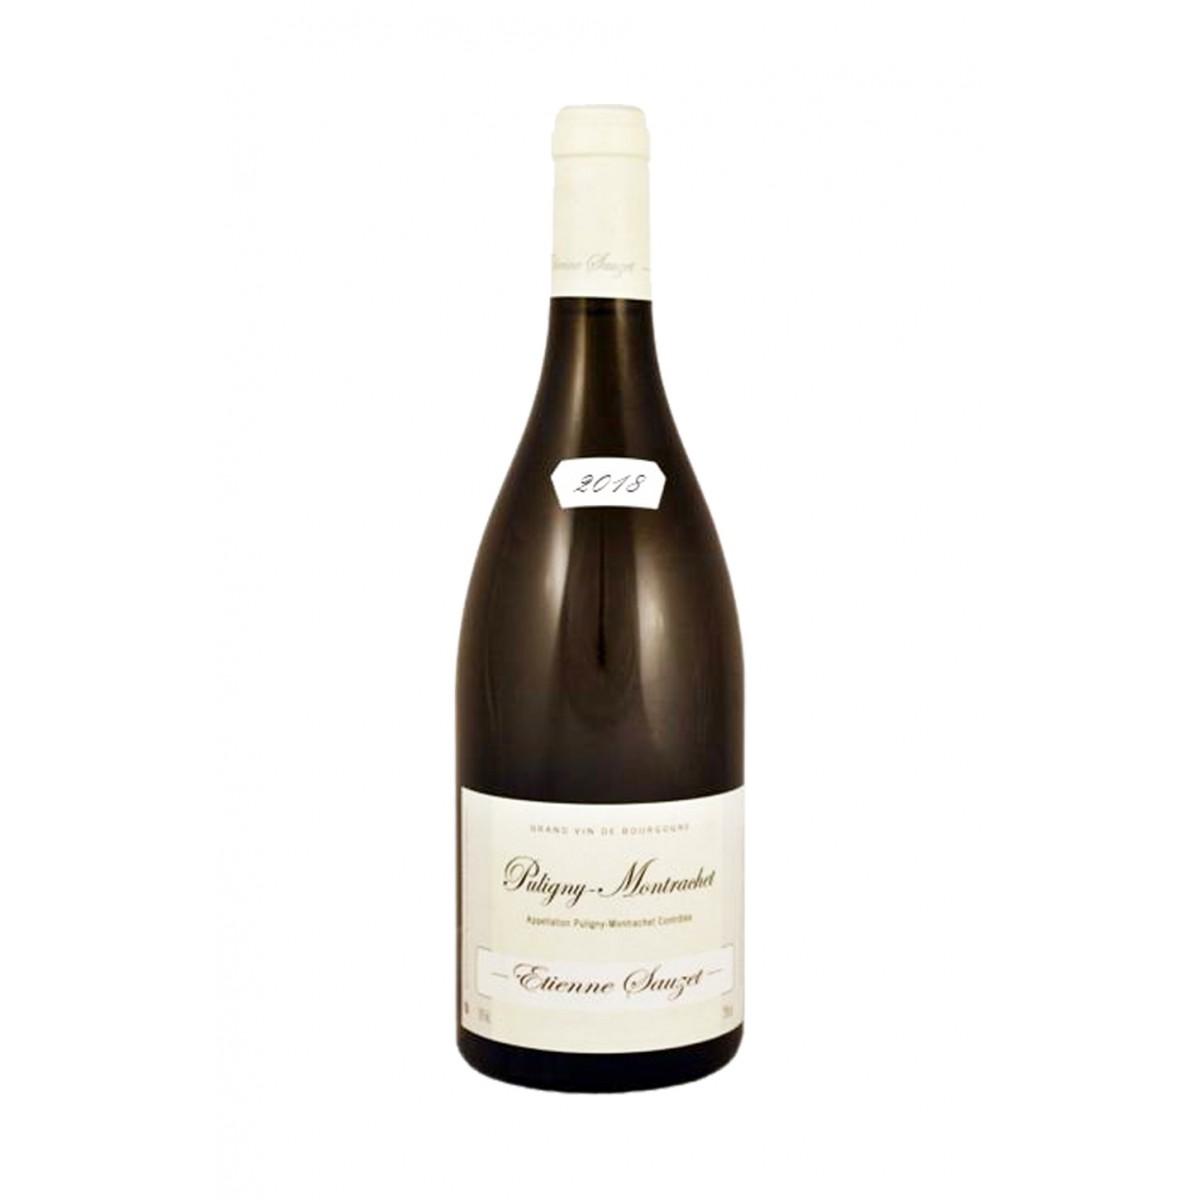 Puligny-Montrachet 2018 - Domaine Etienne Sauzet